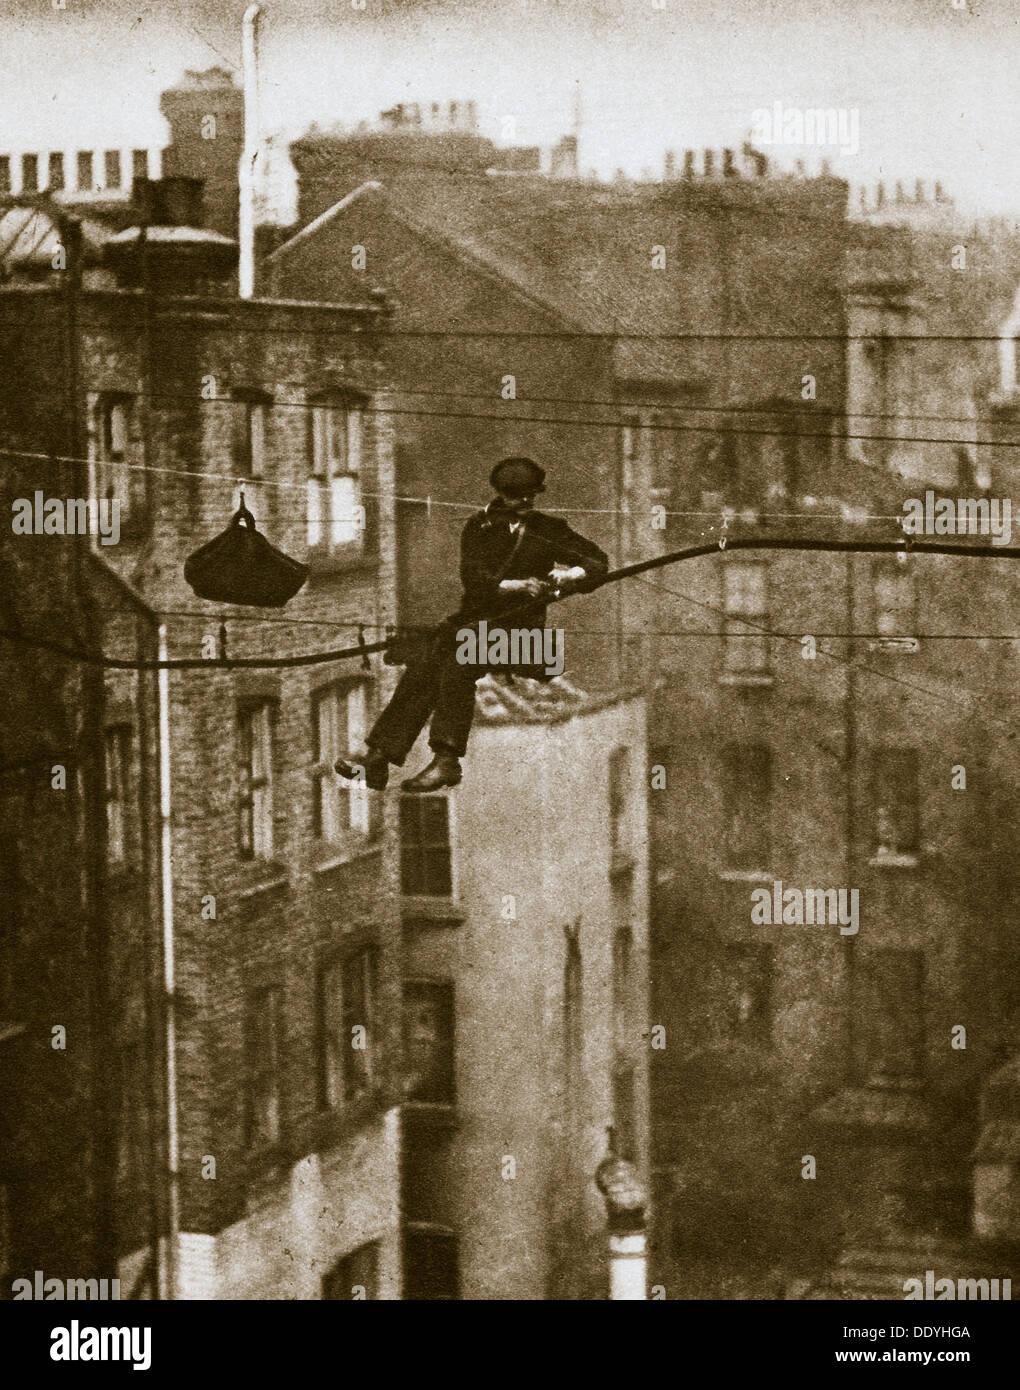 Inspektion eines Telefonkabels zwischen Leitung und Maddox Street, 20. Jahrhundert. Künstler: unbekanntStockfoto